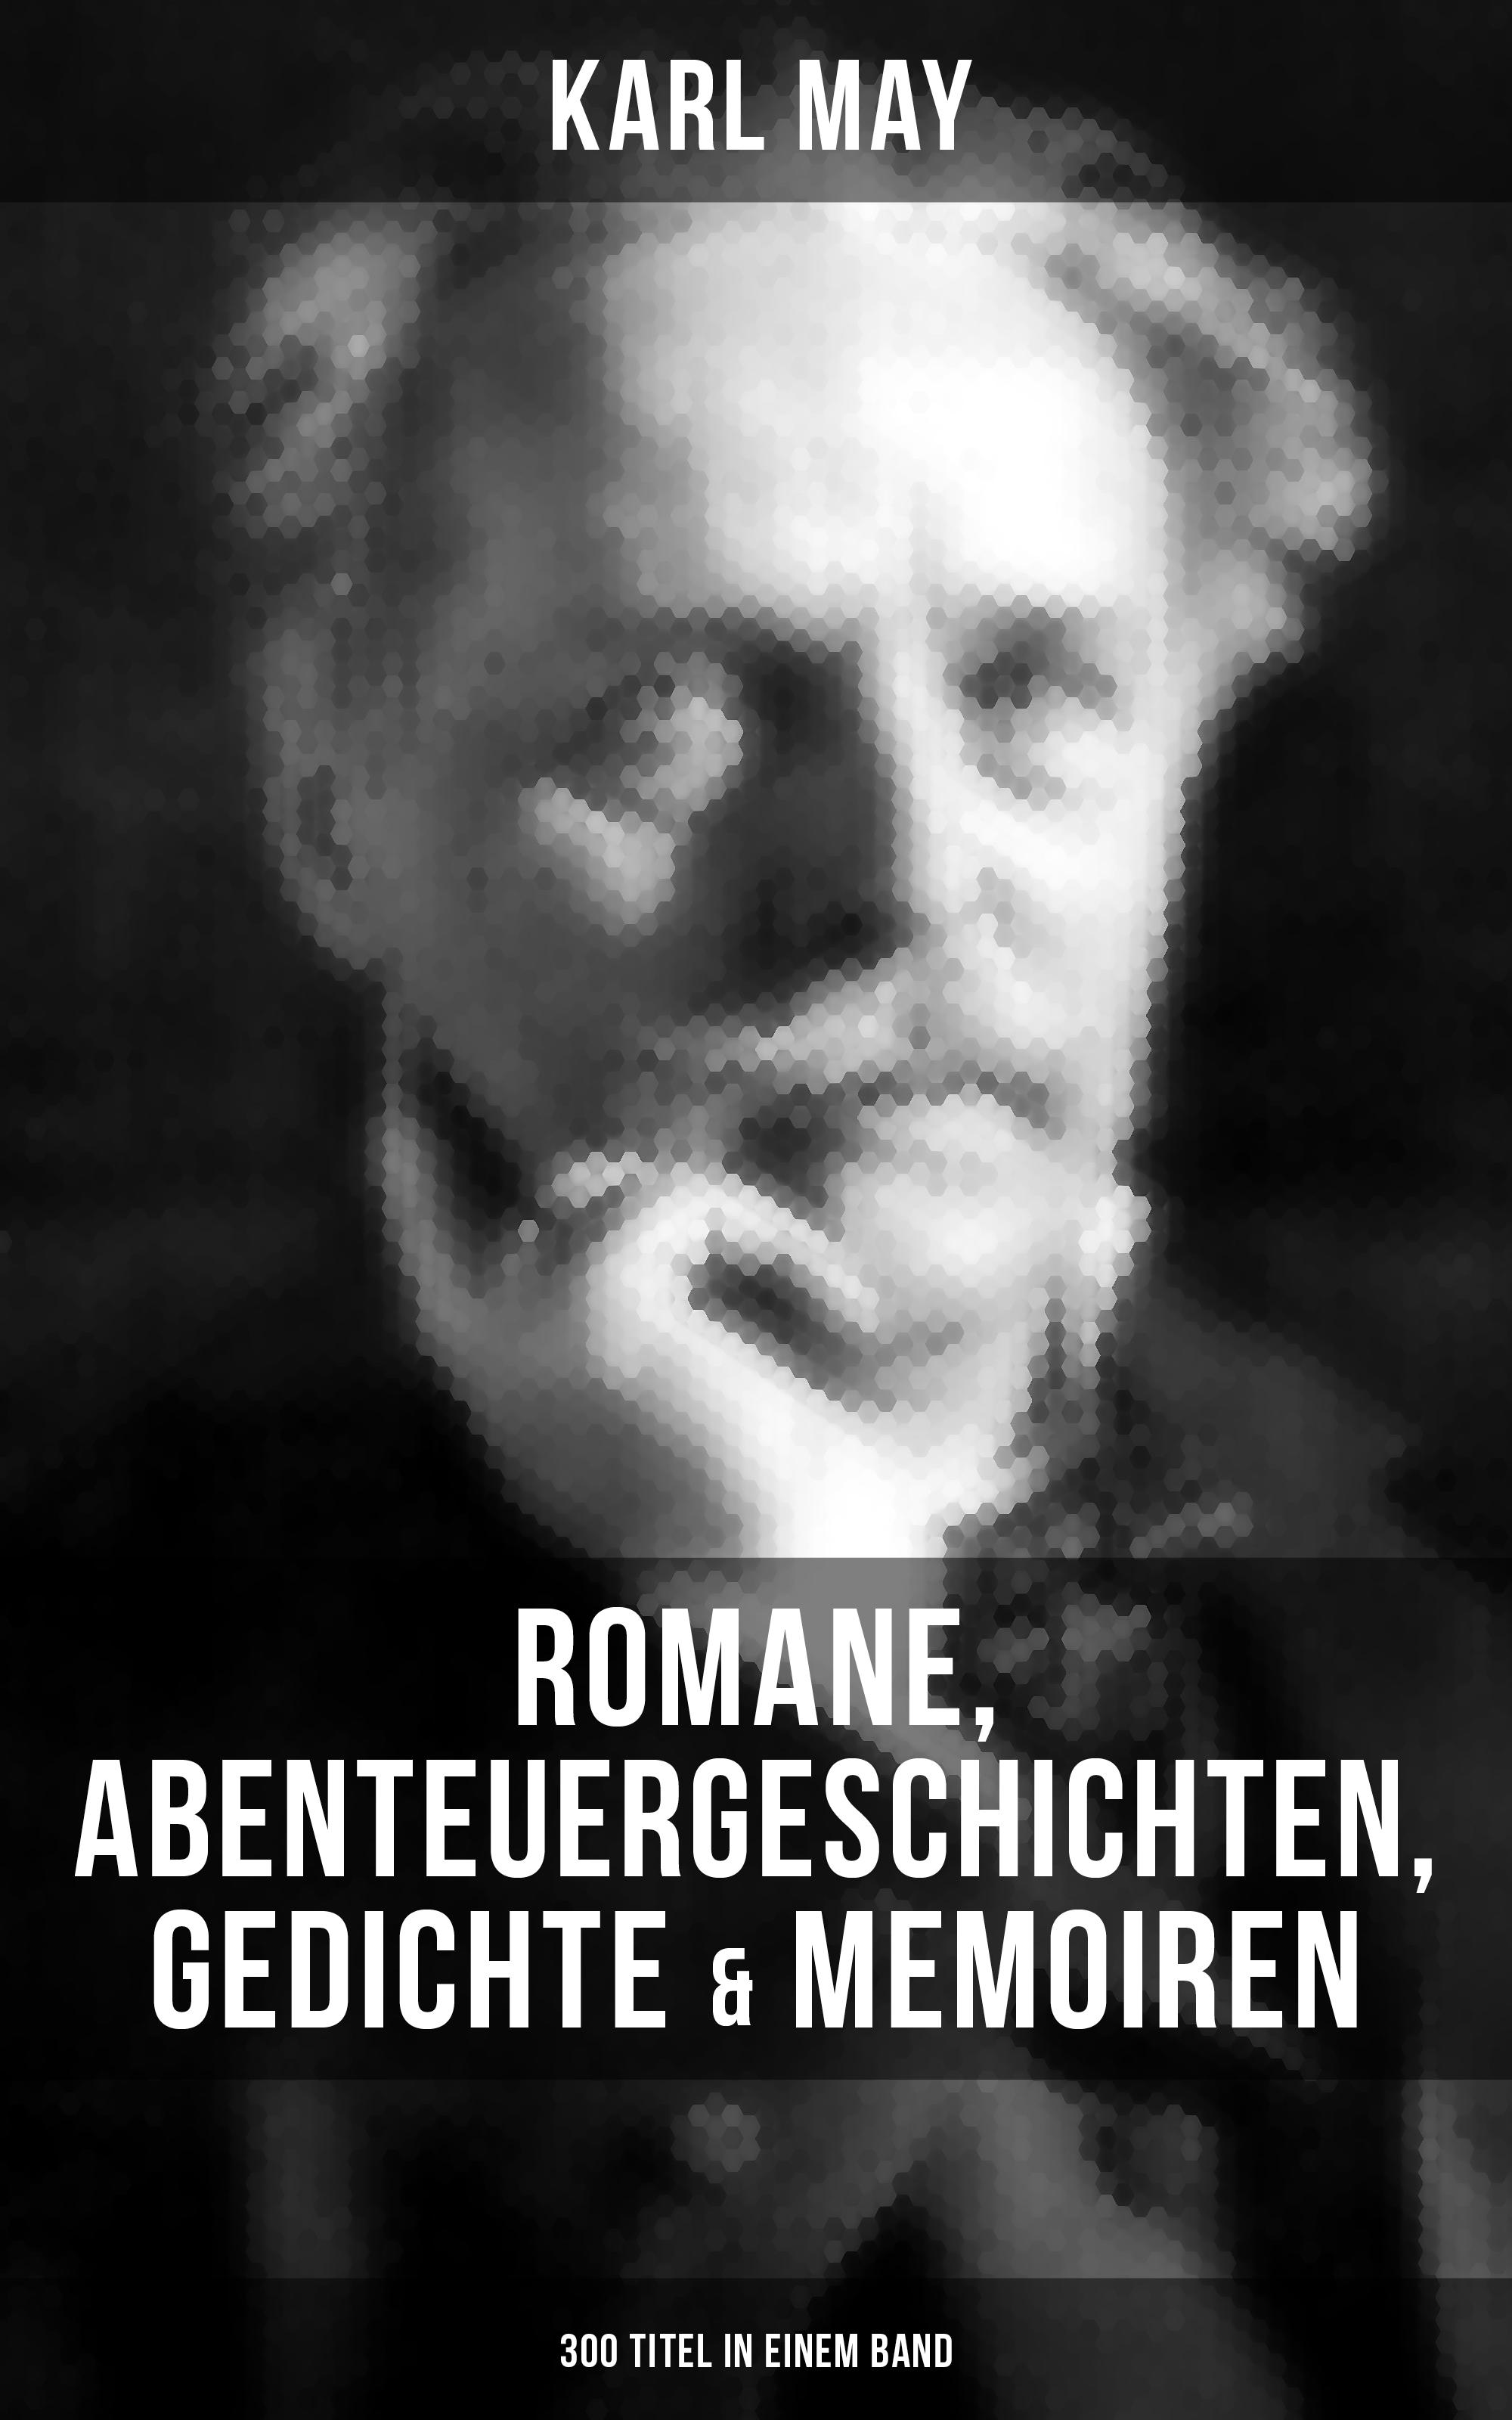 Karl May Karl May: Romane, Abenteuergeschichten, Gedichte & Memoiren (300 Titel in einem Band)